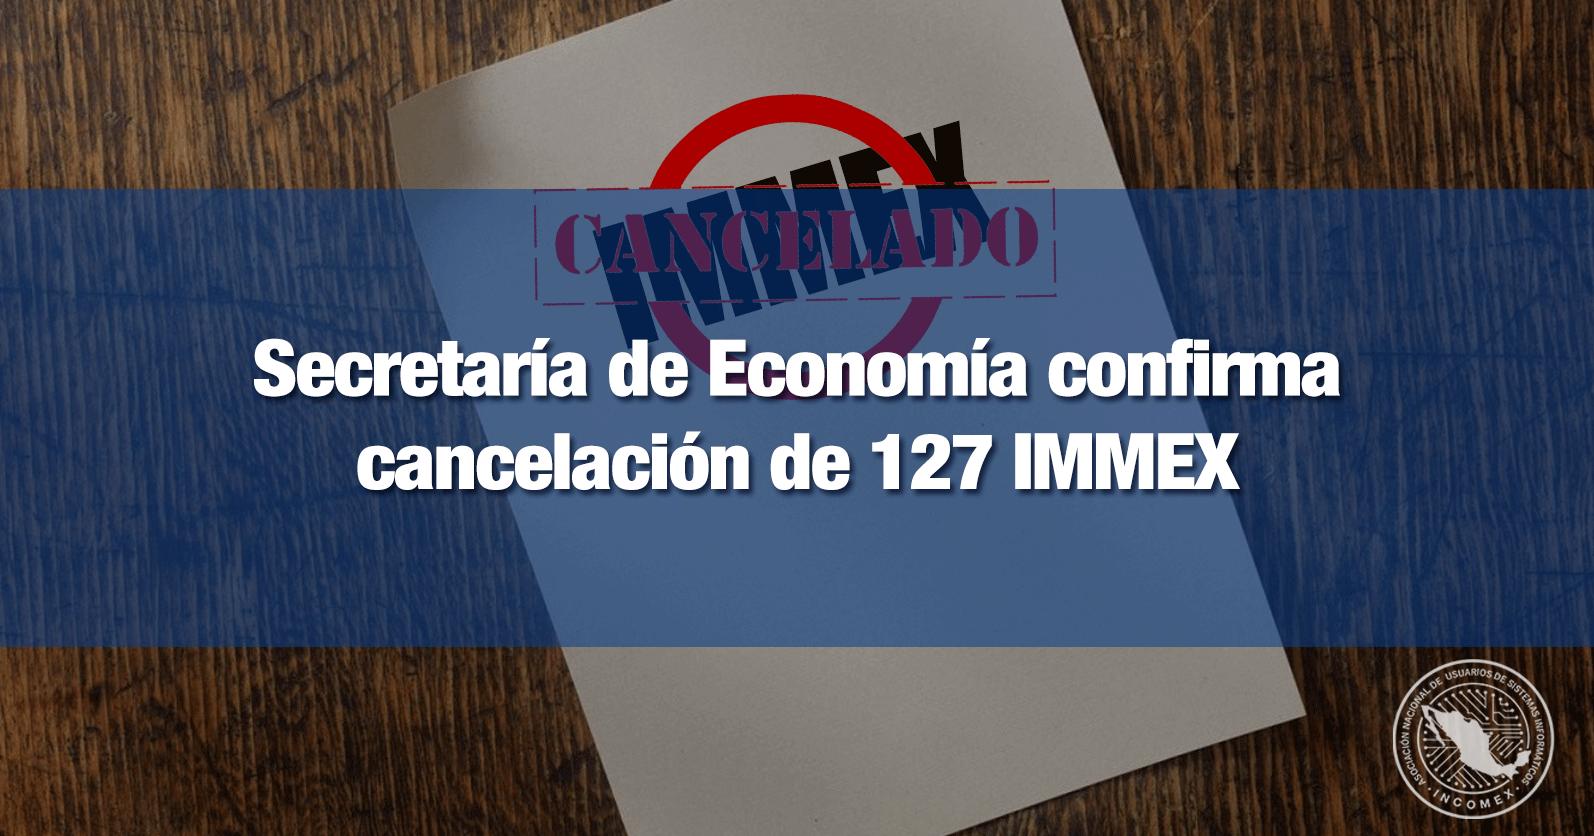 Secretaría de Economía confirma cancelación de 127 IMMEX